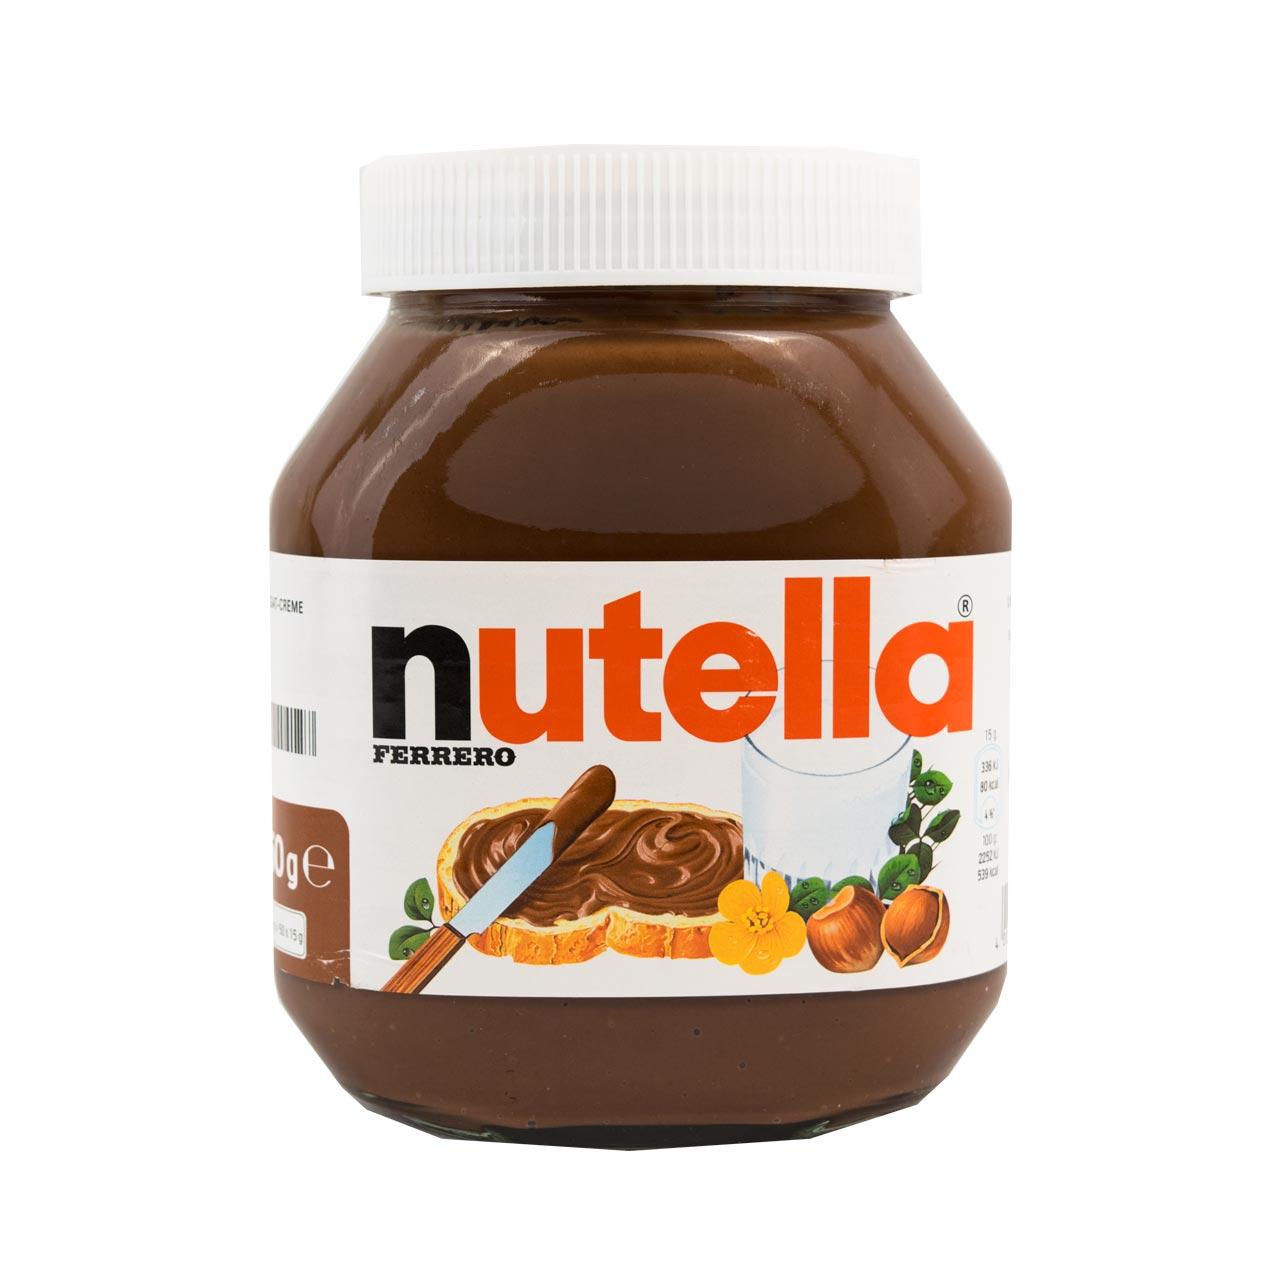 شکلات صبحانه نوتلا ۷۵۰گرمی آلمانی – nutella